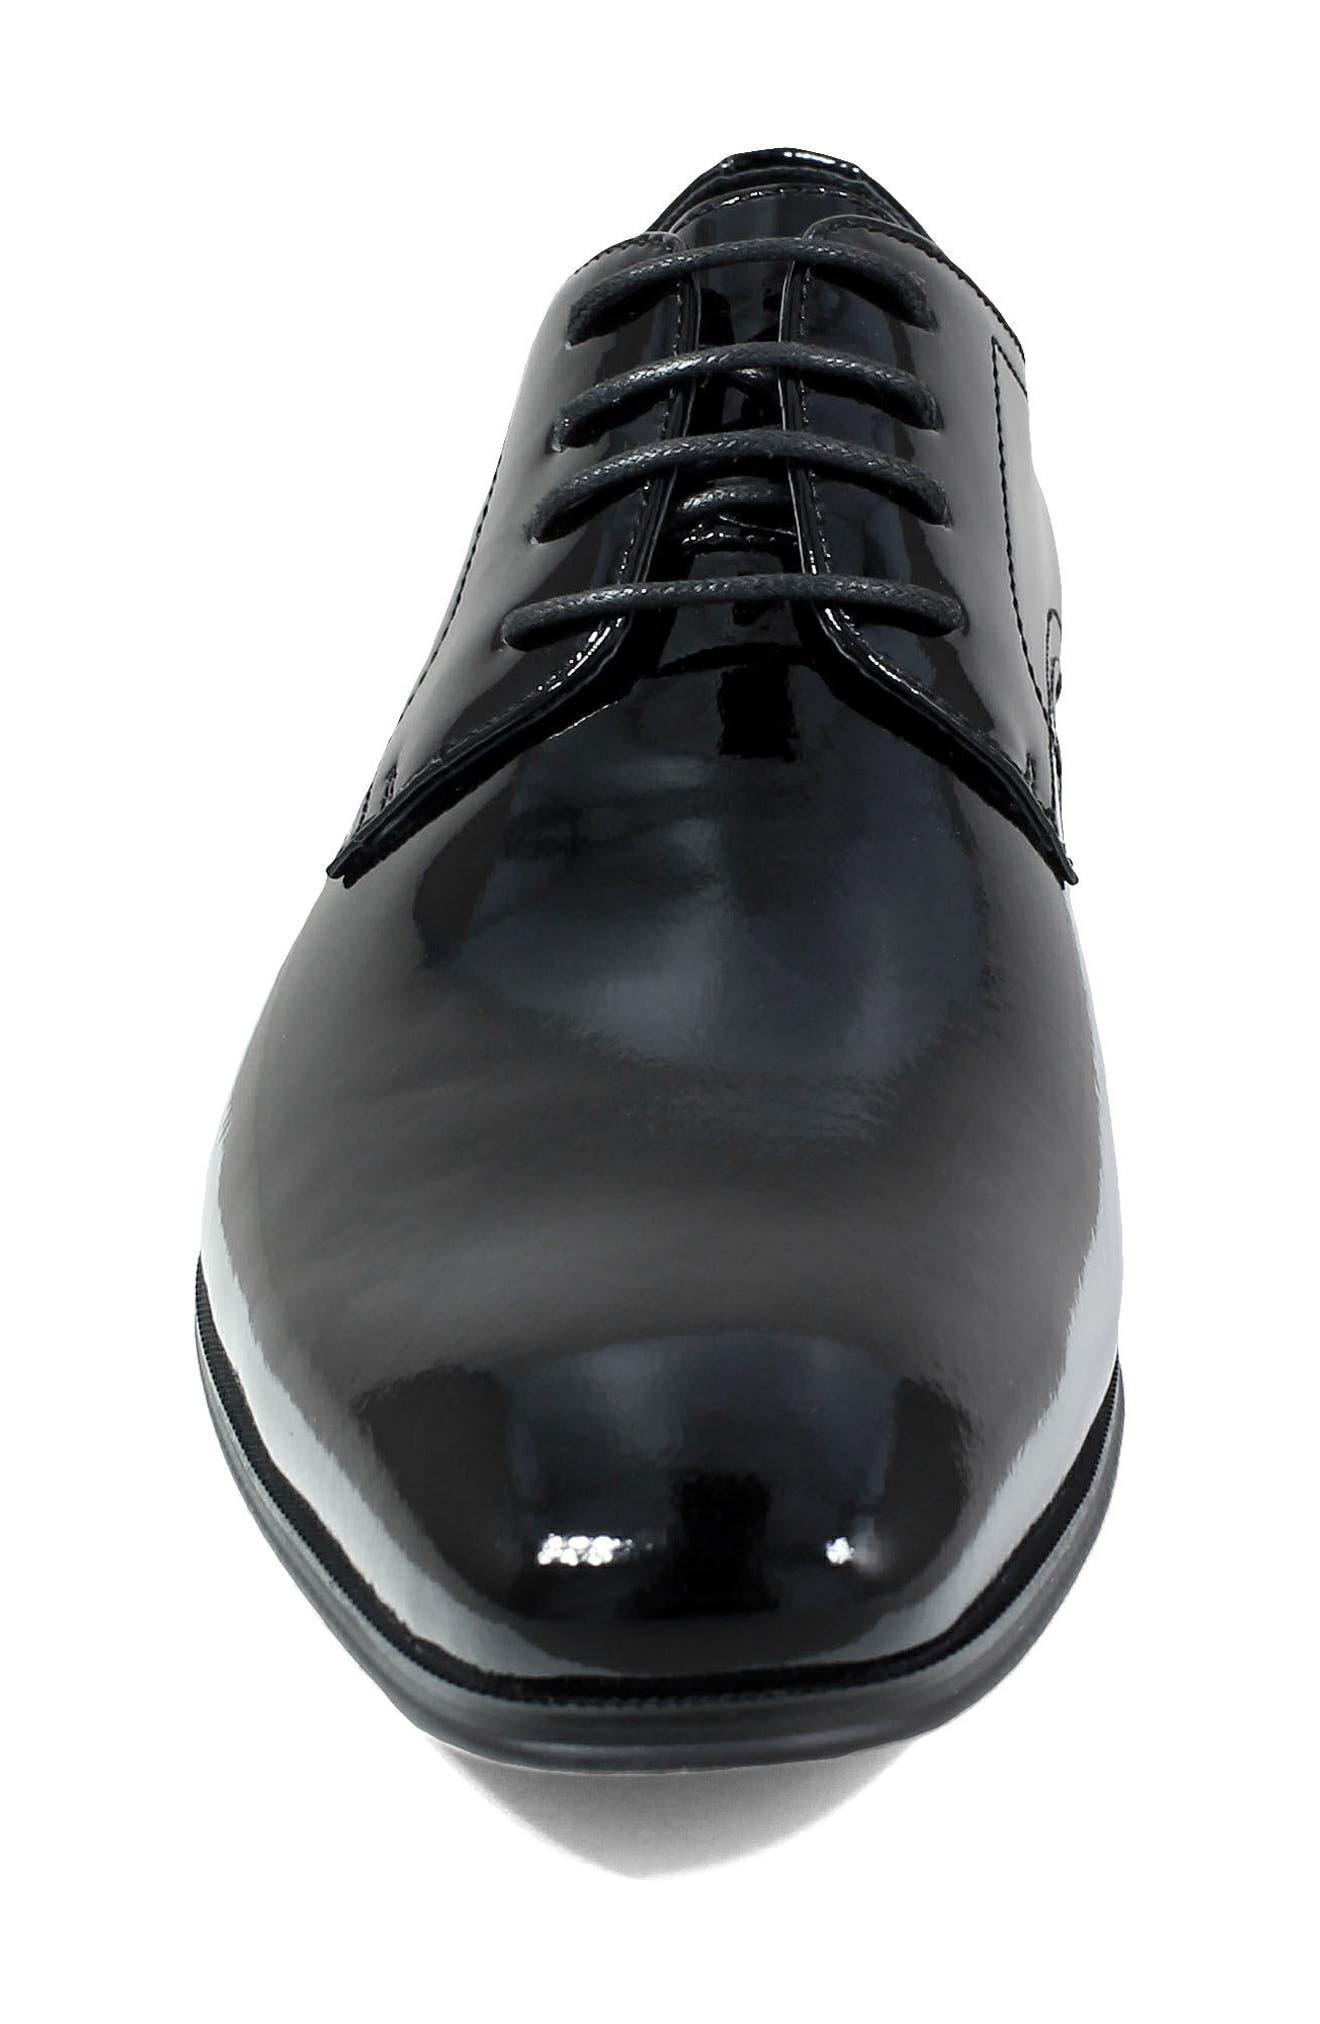 FLORSHEIM, Tux Plain Toe Derby, Alternate thumbnail 4, color, BLACK PATENT LEATHER